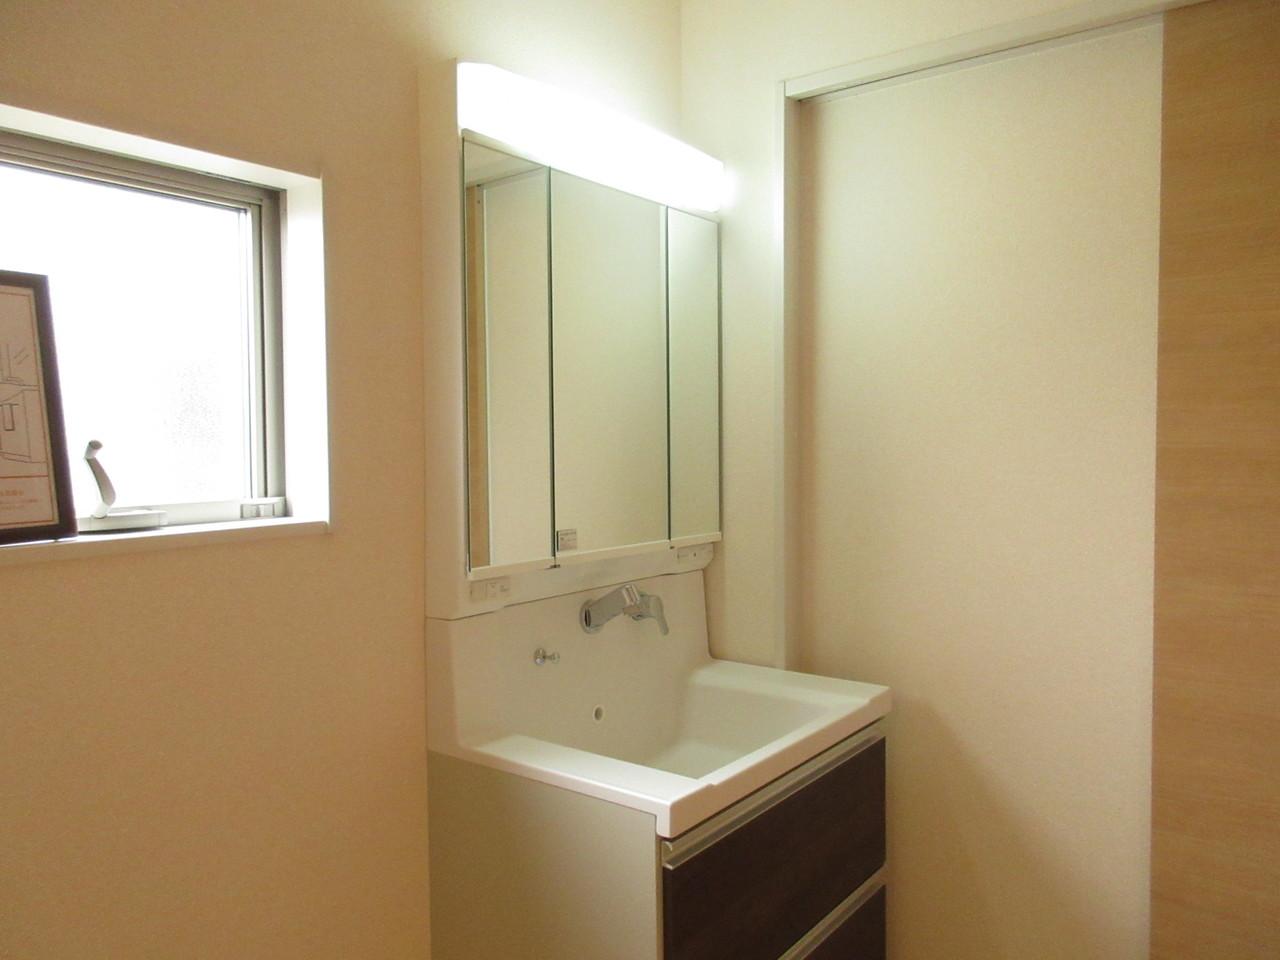 明るい洗面台は鏡が三面鏡になっていますので見えにくい場所も見えます◎収納スペースも十分ございます◆